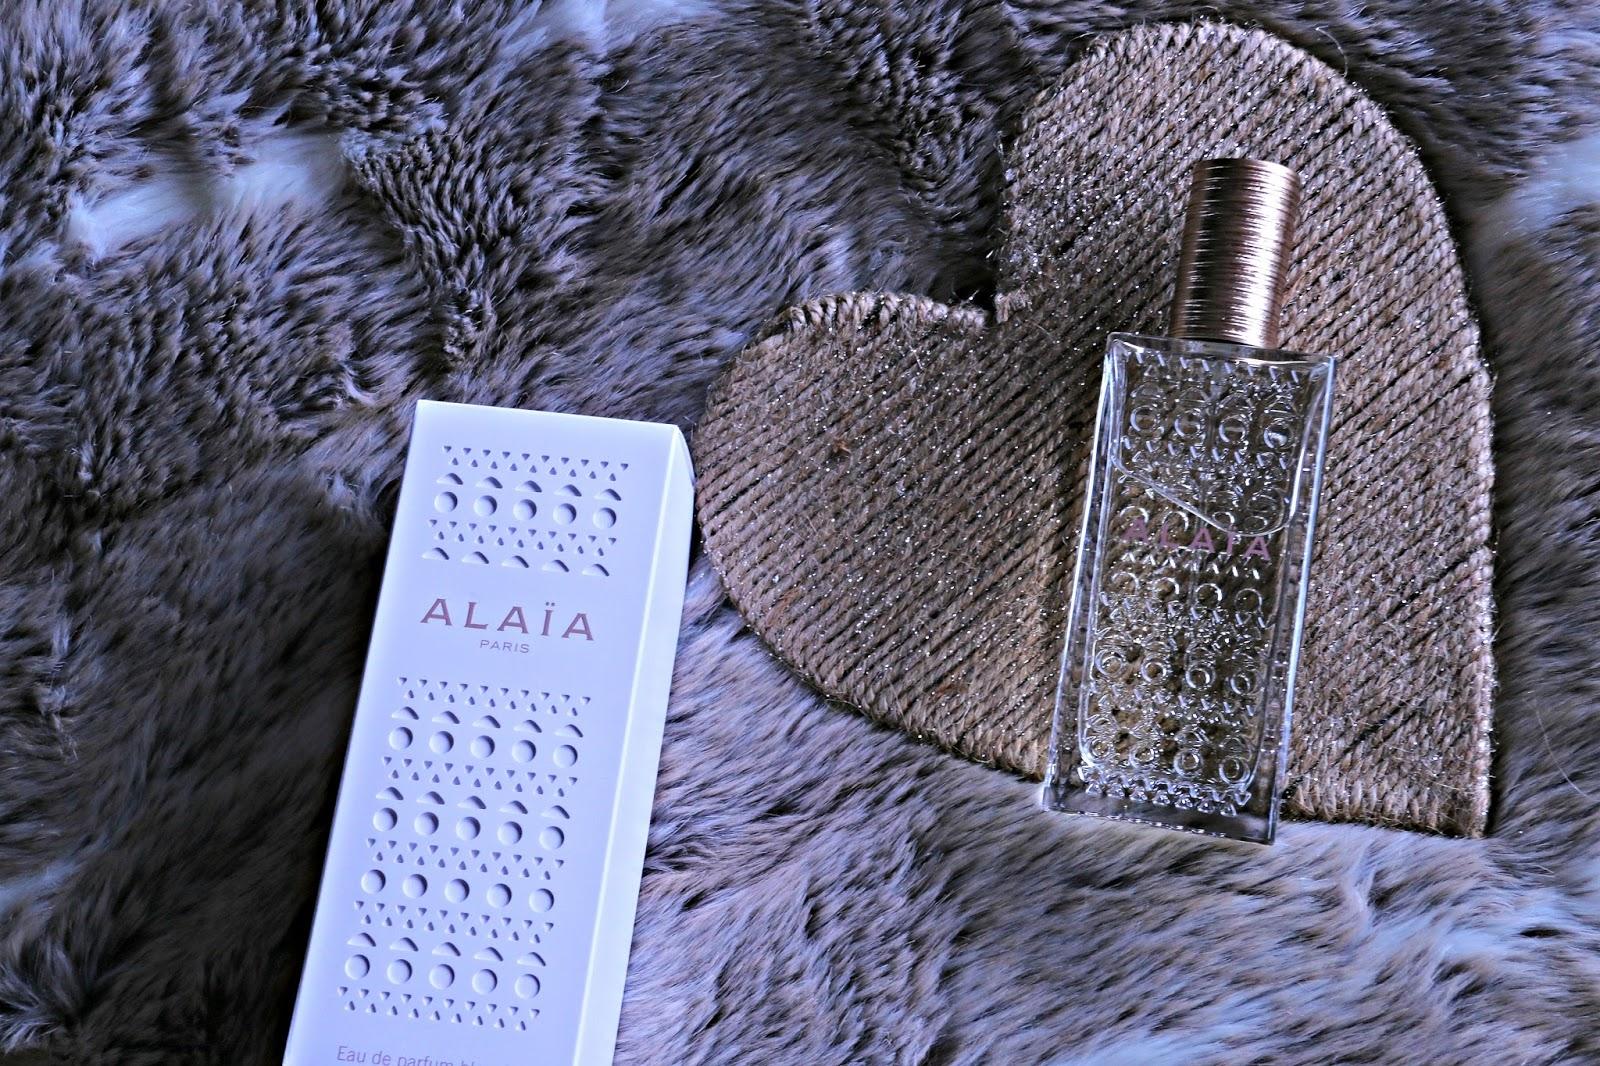 Alaïa Paris Eau de Parfum Blanche Fragrance Image